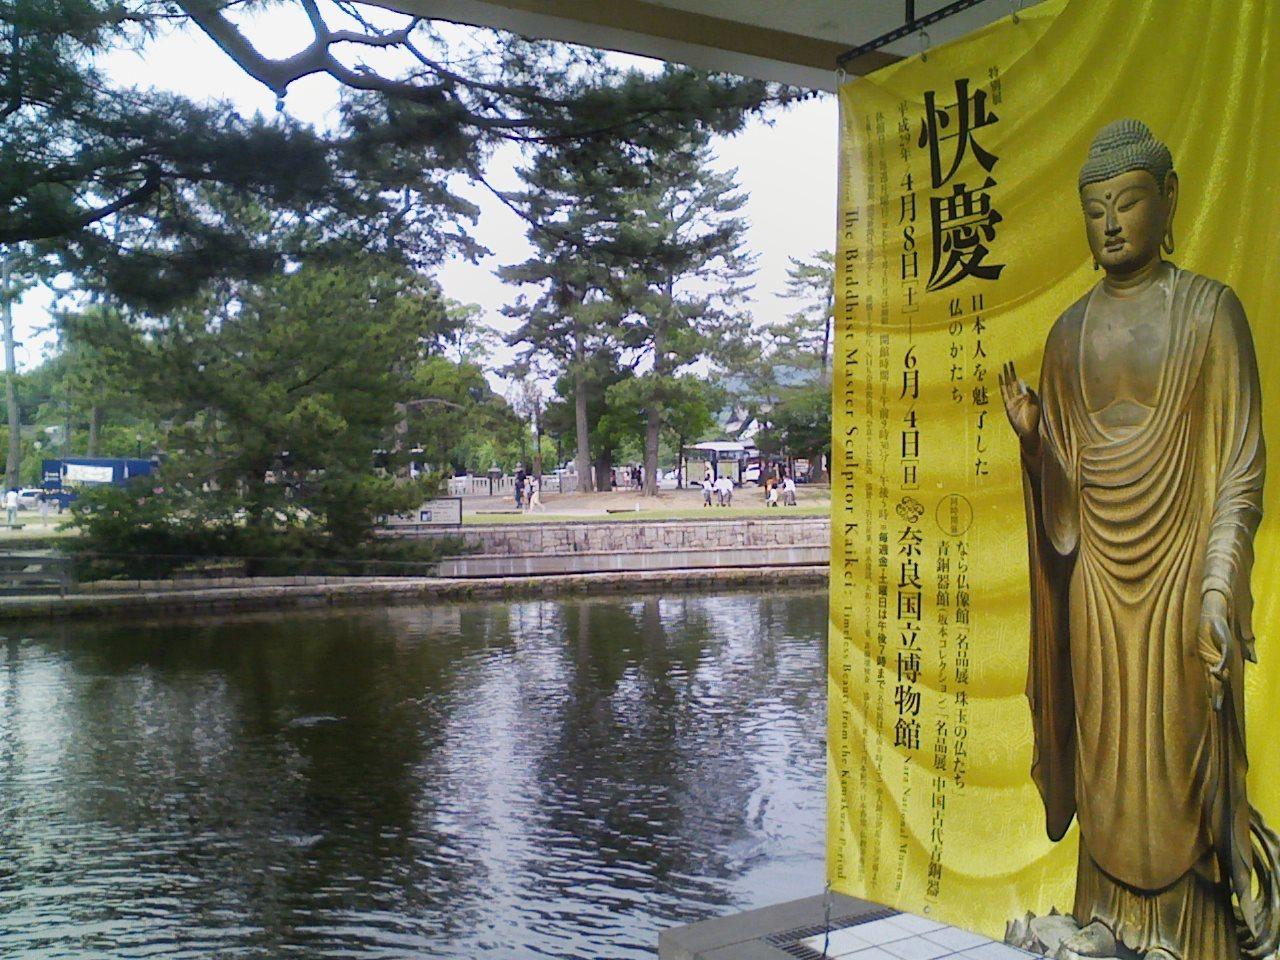 2017_05_30_奈良国立博物館